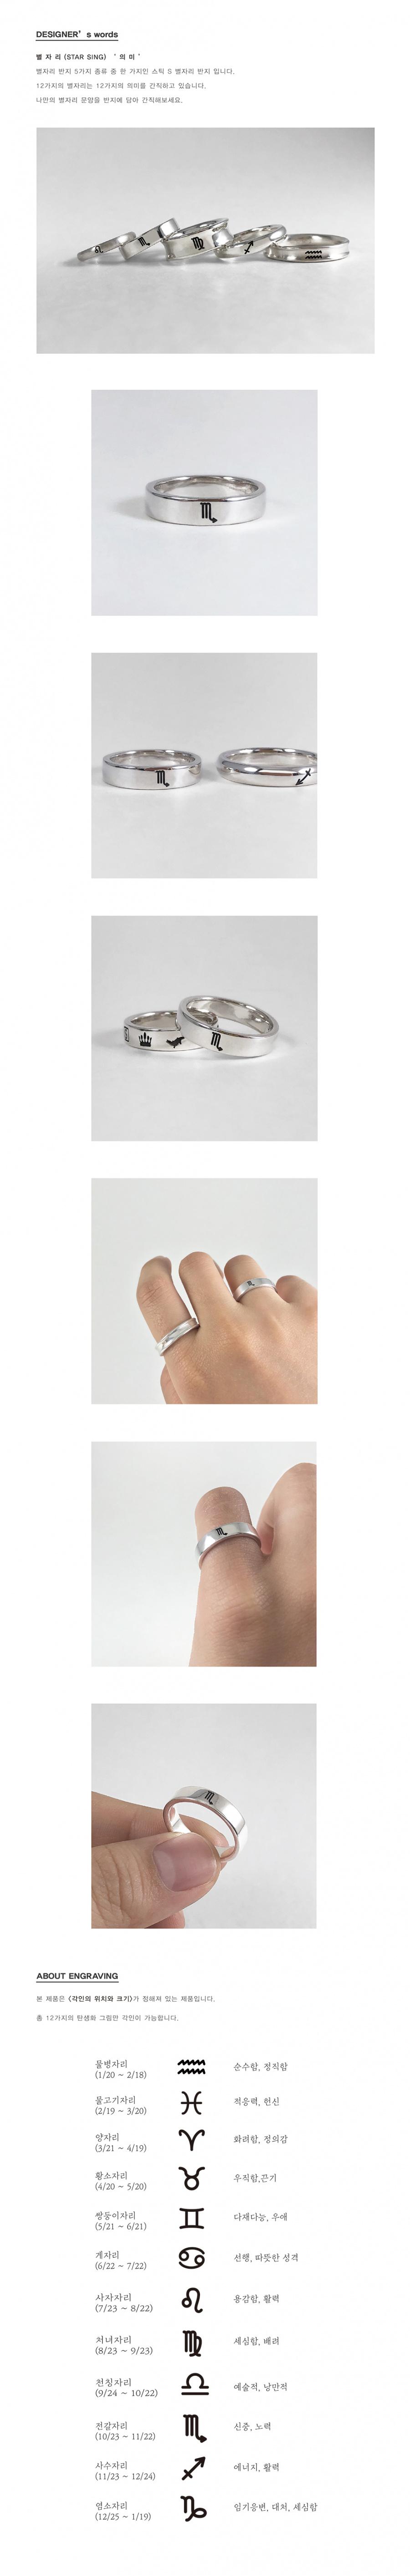 리얼컨텐츠(REAL CONTENTS) [리얼컨텐츠] 스틱 별자리 925 silver 반지(S)